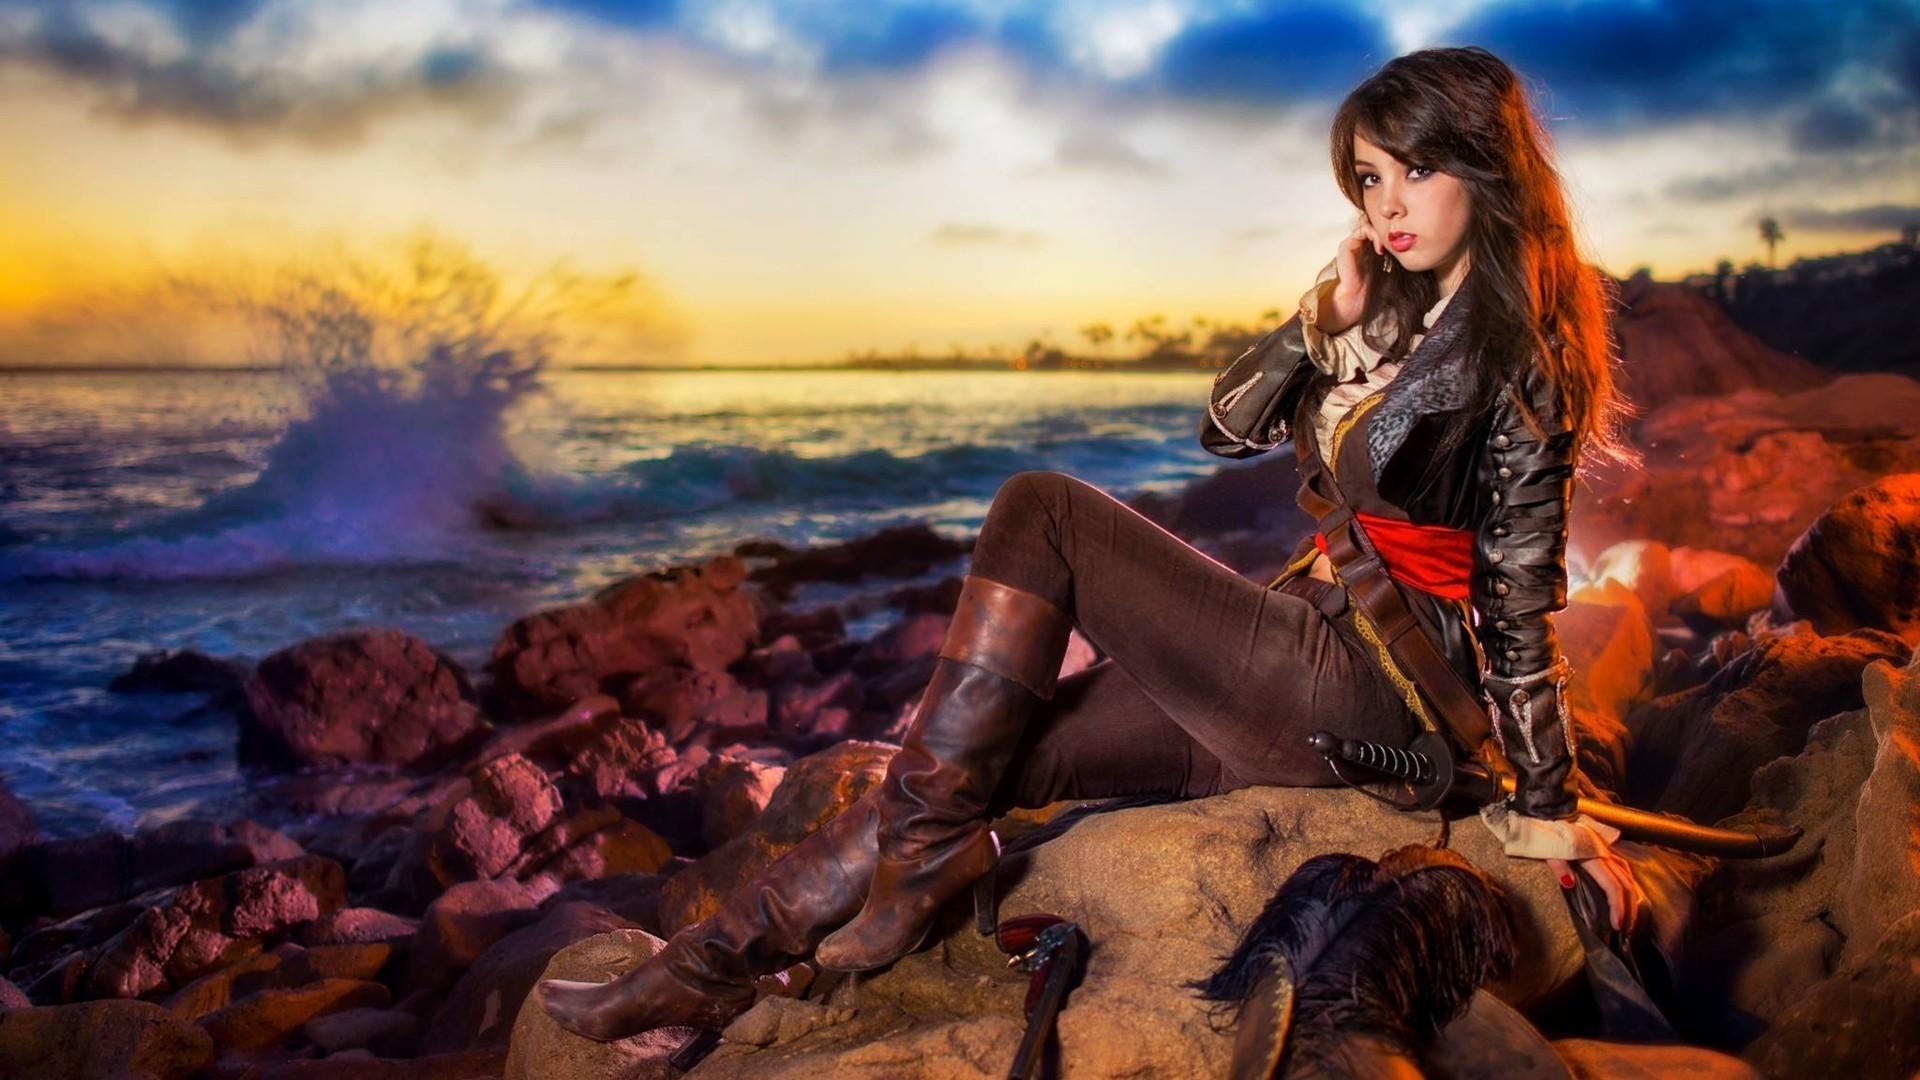 … assassin's creed iv: black flag, brunette,. Open wallpaper